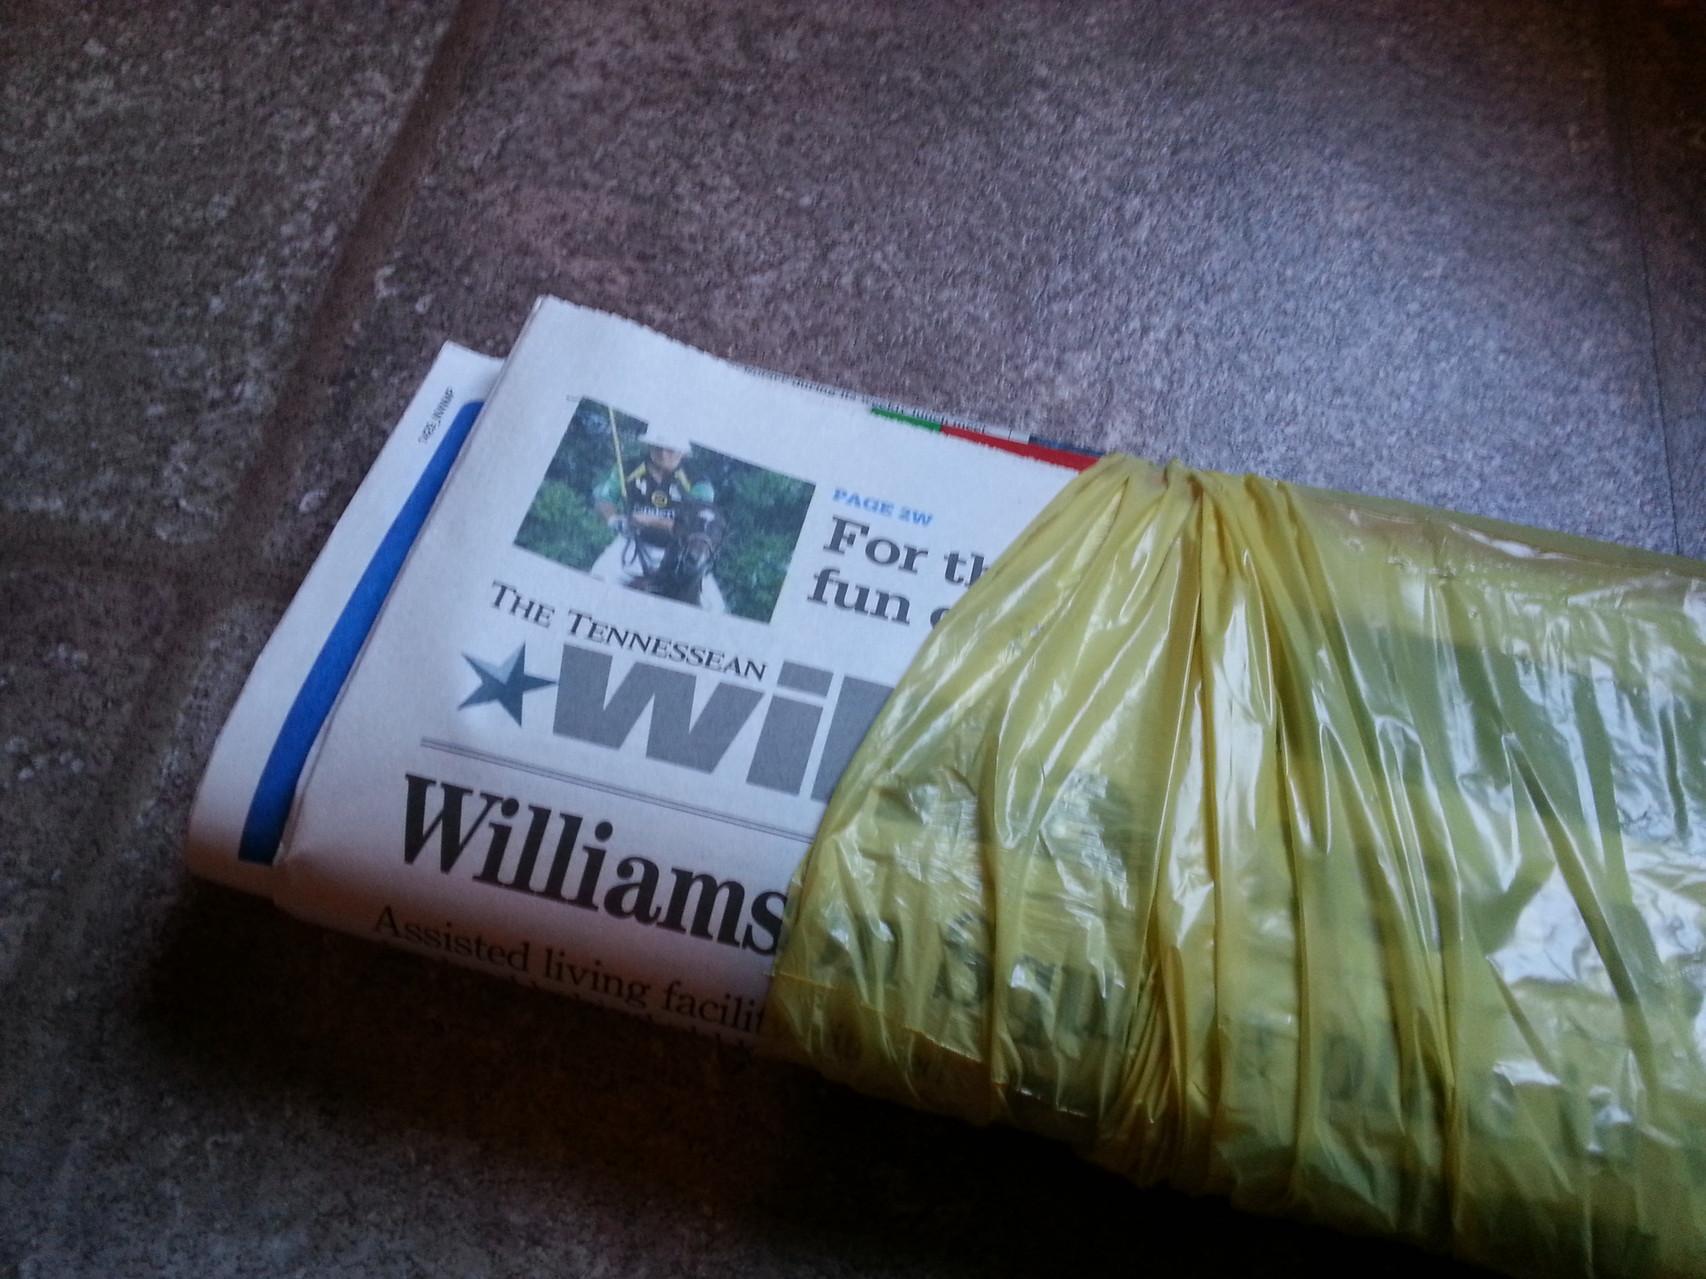 Zeitung kommt in der Tüte